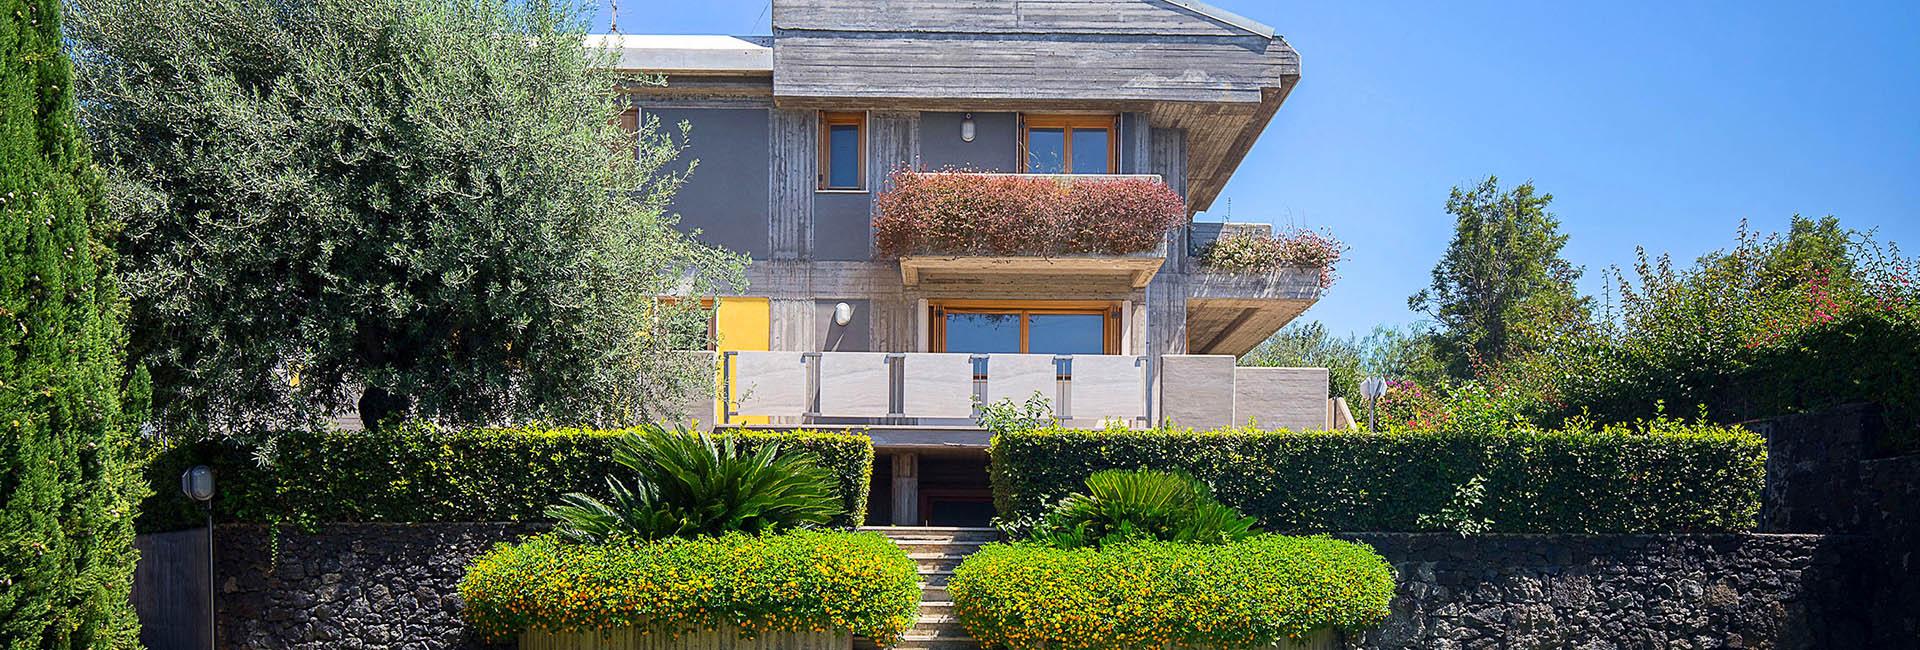 Villa 4 piani con piscina 1 le ville di cerza for Piani del cortile con piscine